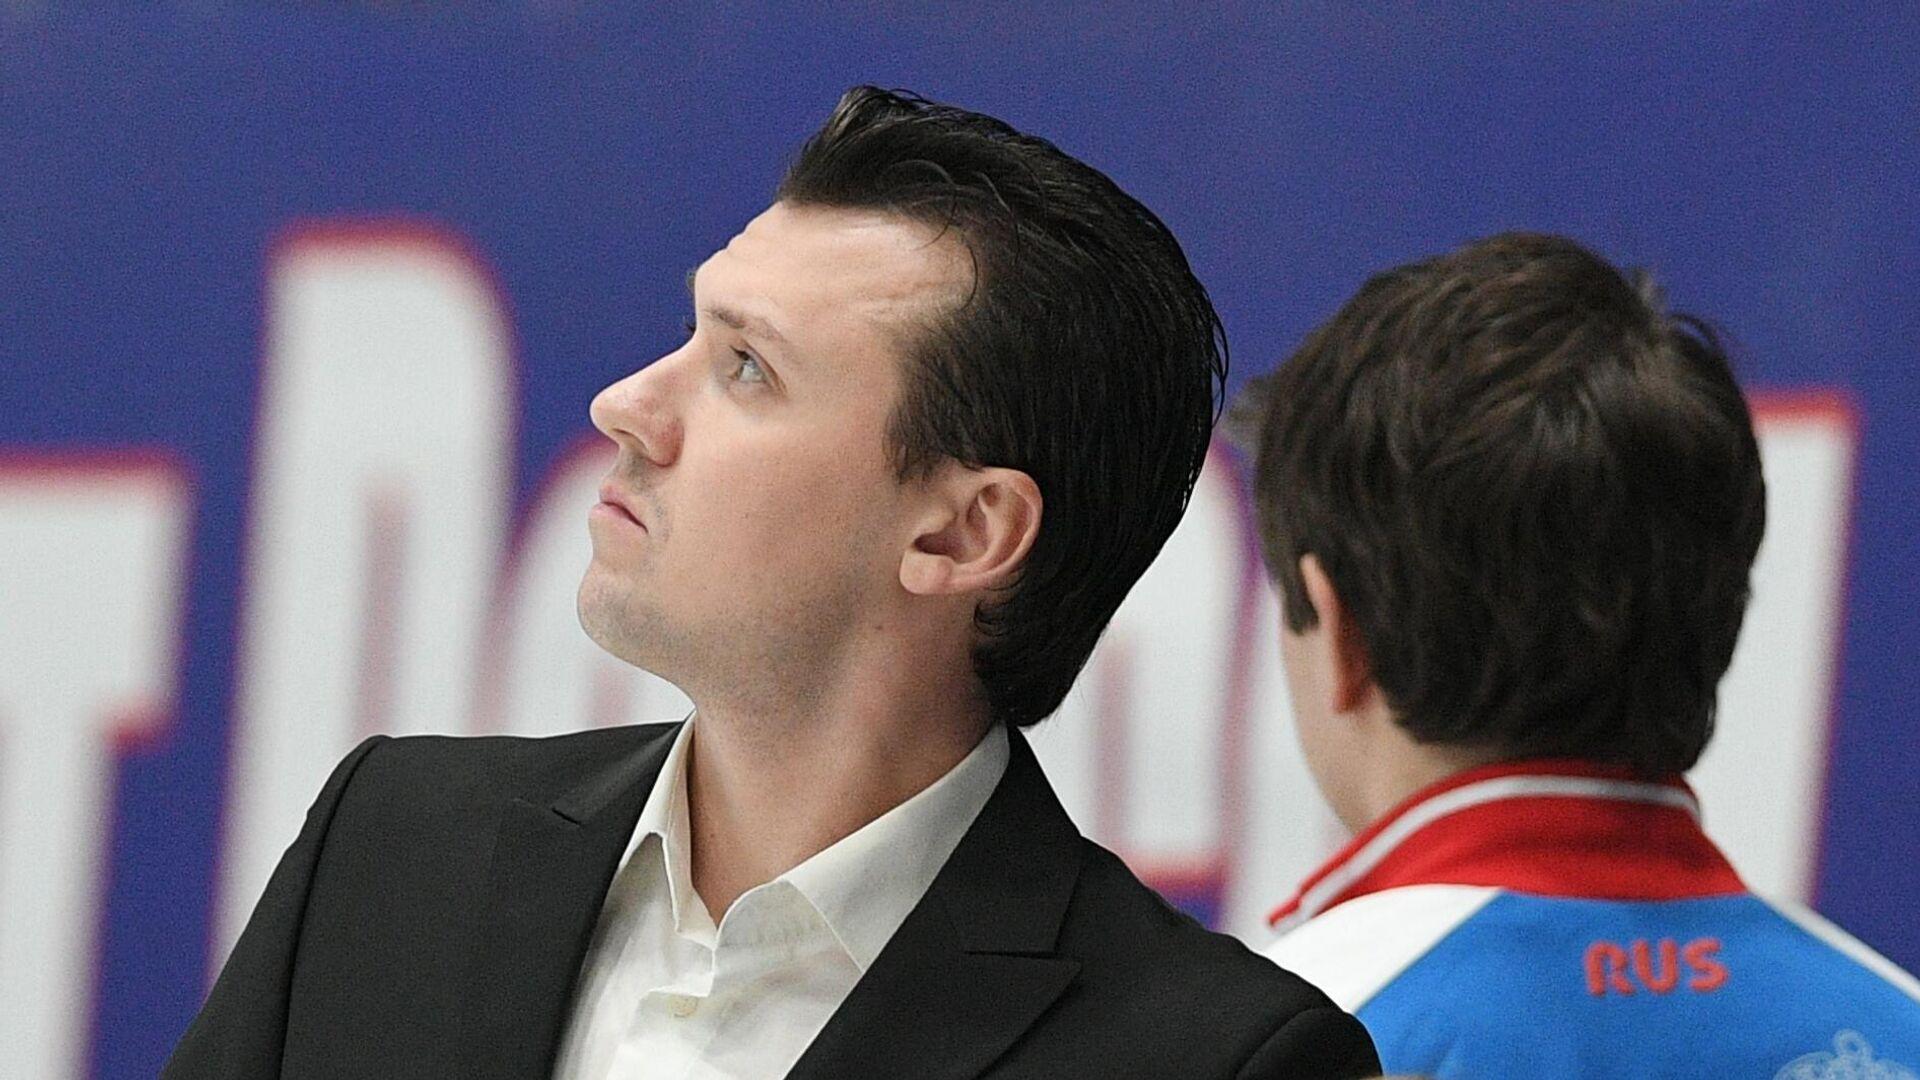 Тренеры Павел Слюсаренко и Валентина Тюкова  - РИА Новости, 1920, 25.05.2021